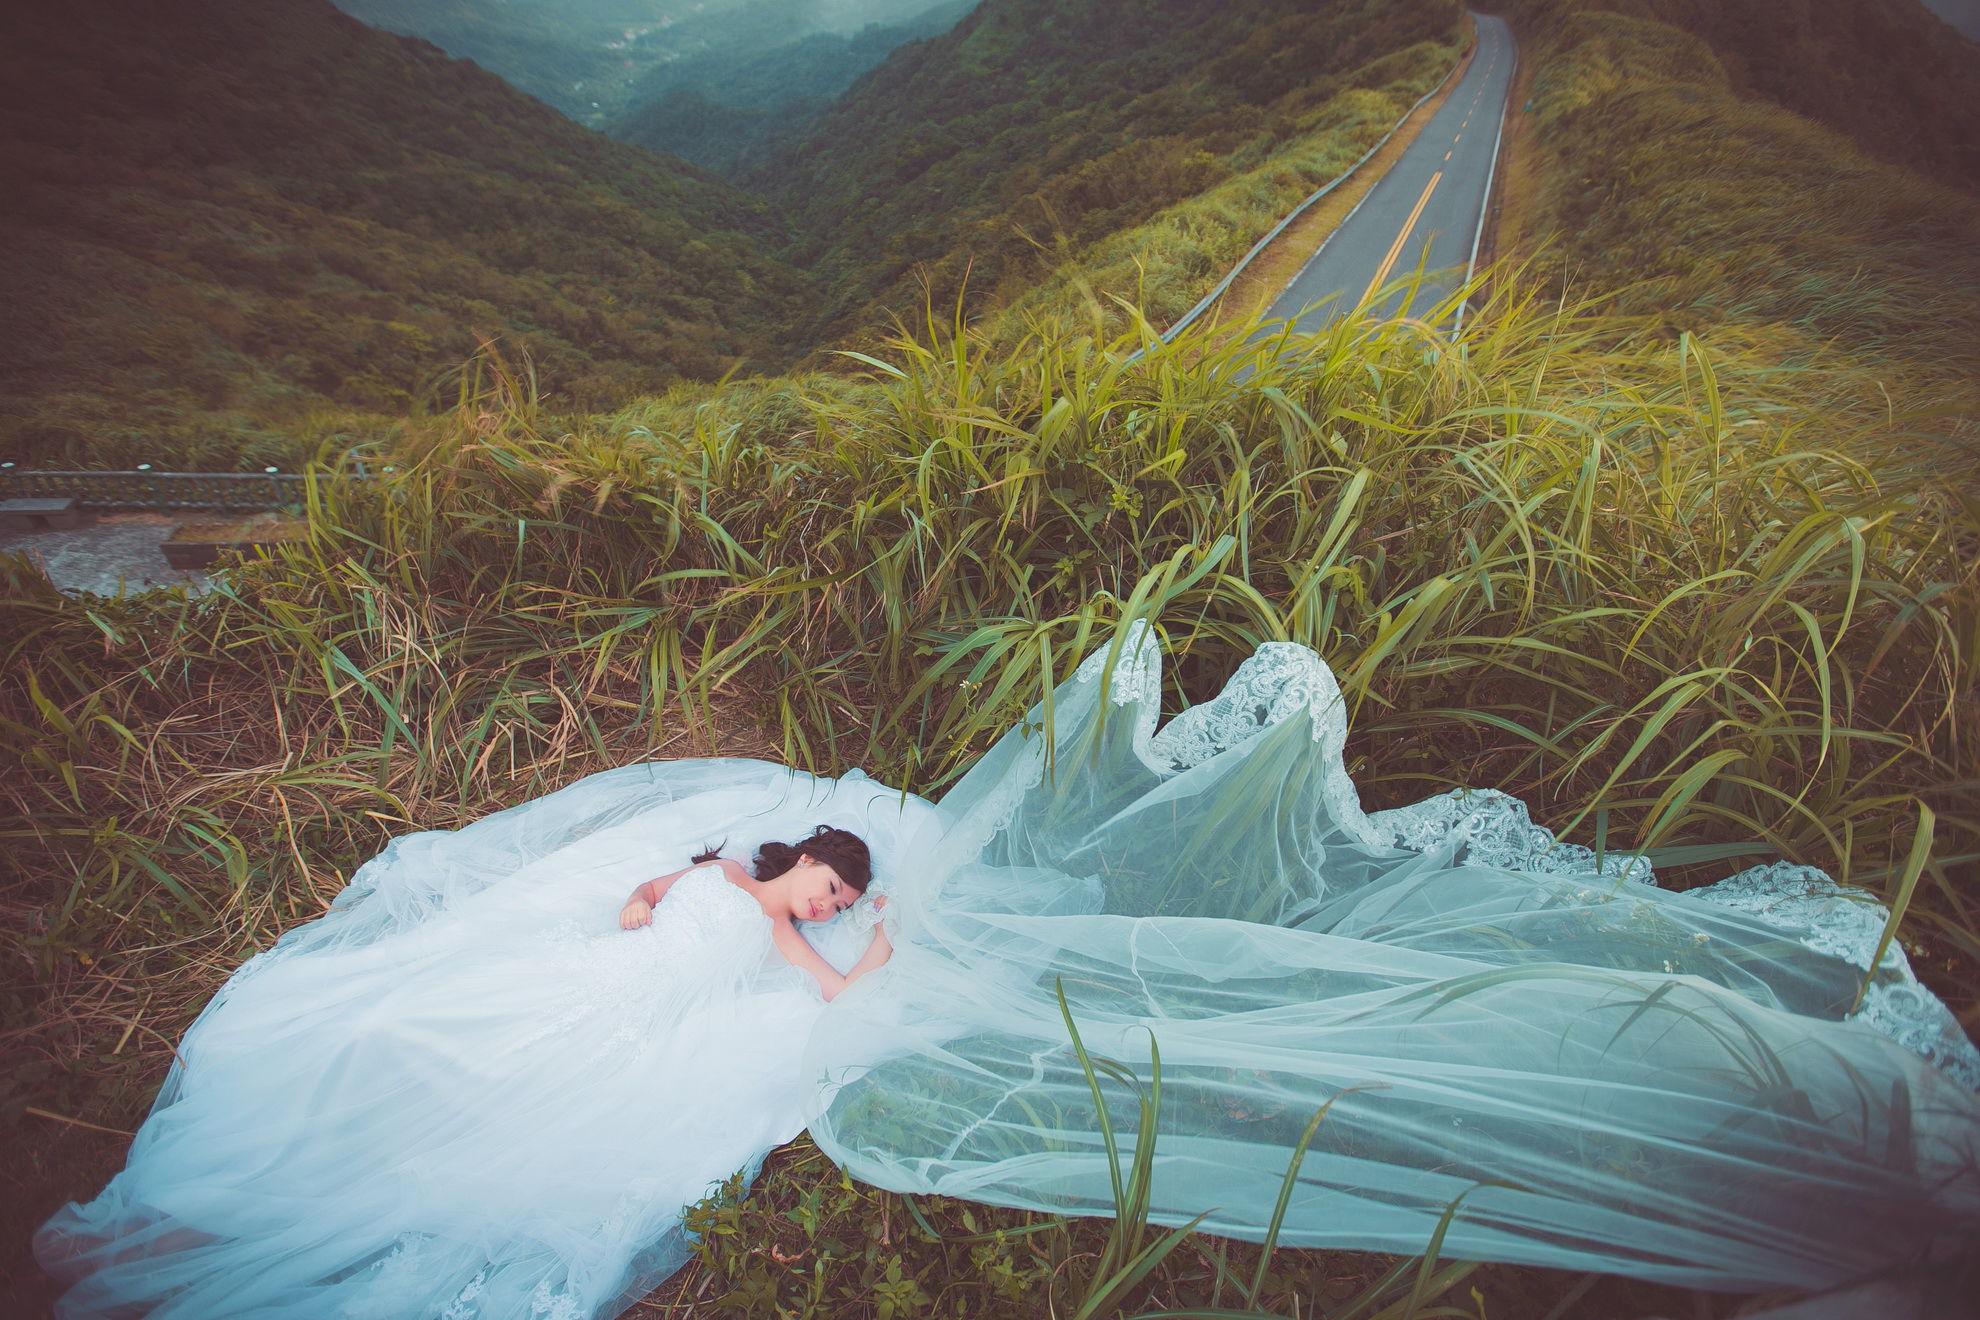 台灣婚紗攝影,婚紗照推薦